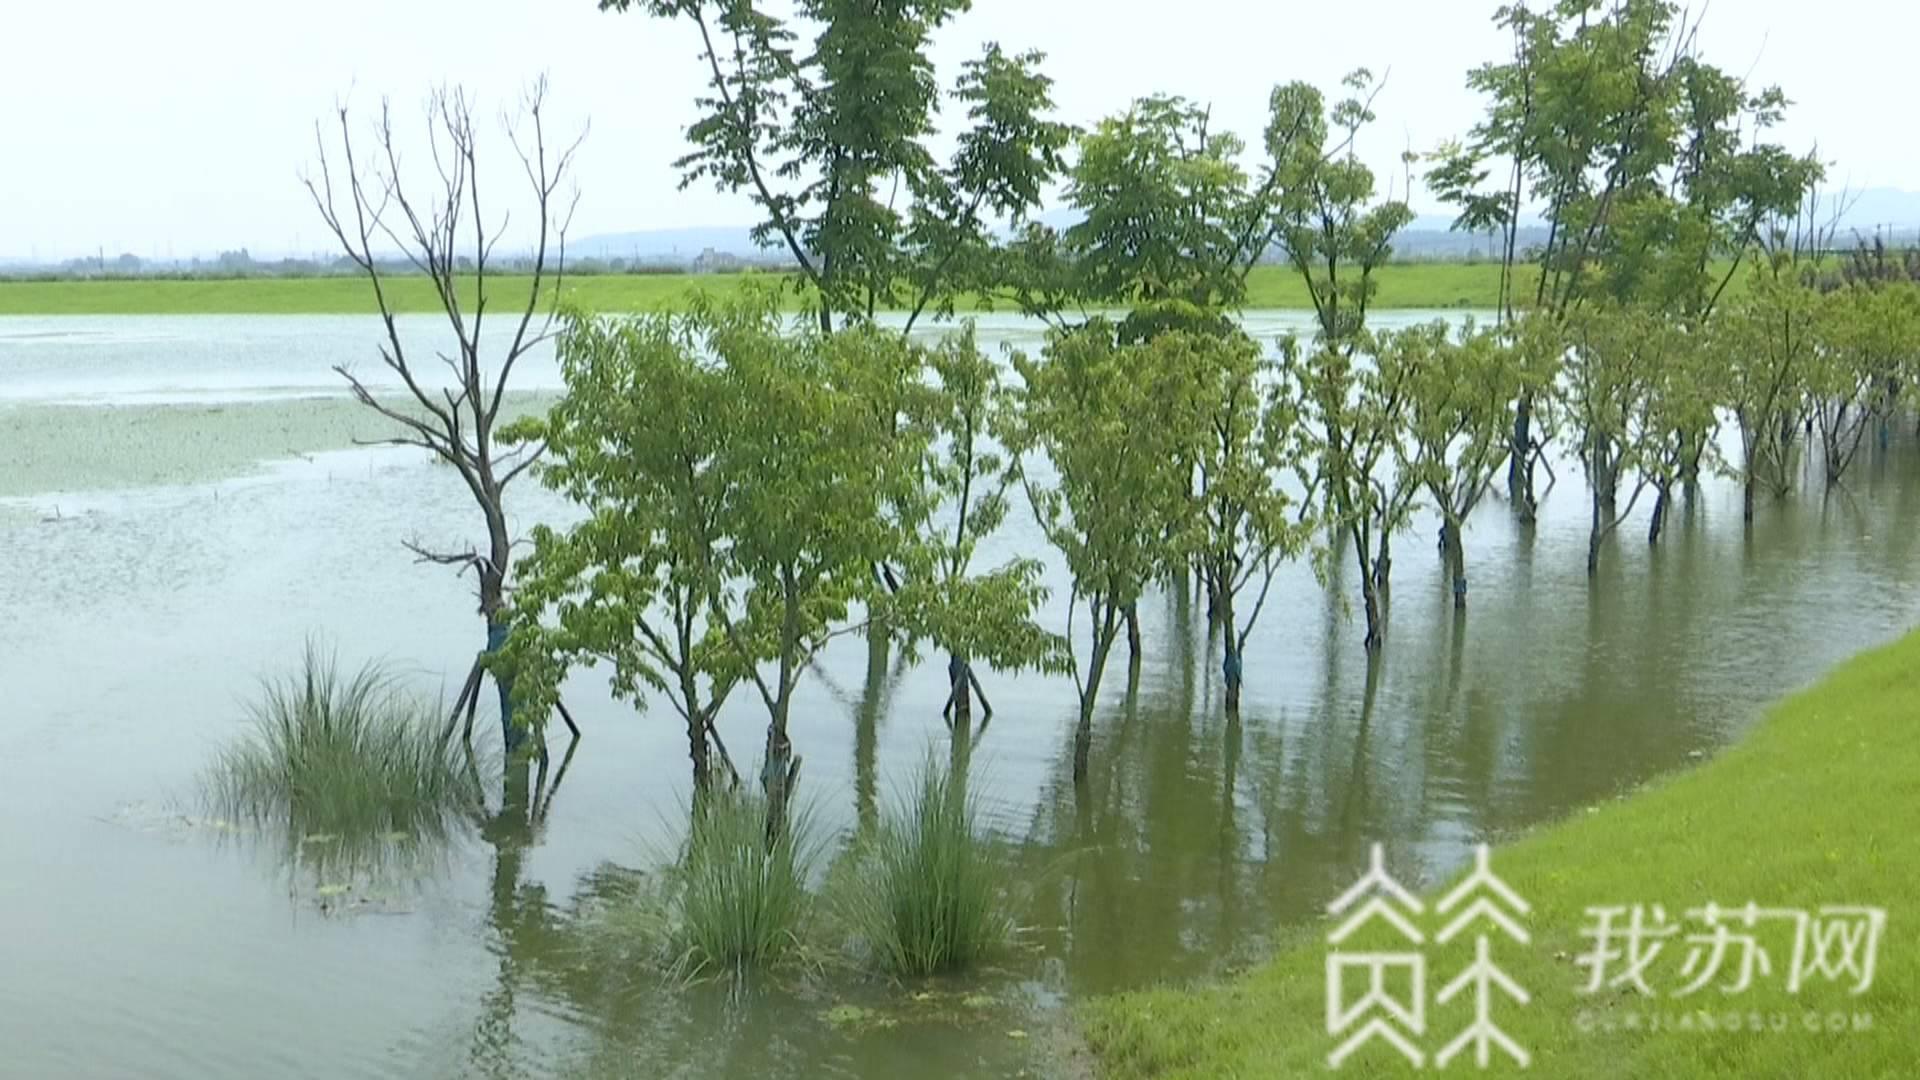 防汛:防汛人员紧急排险 溧水石臼湖:防止堤岸渗漏